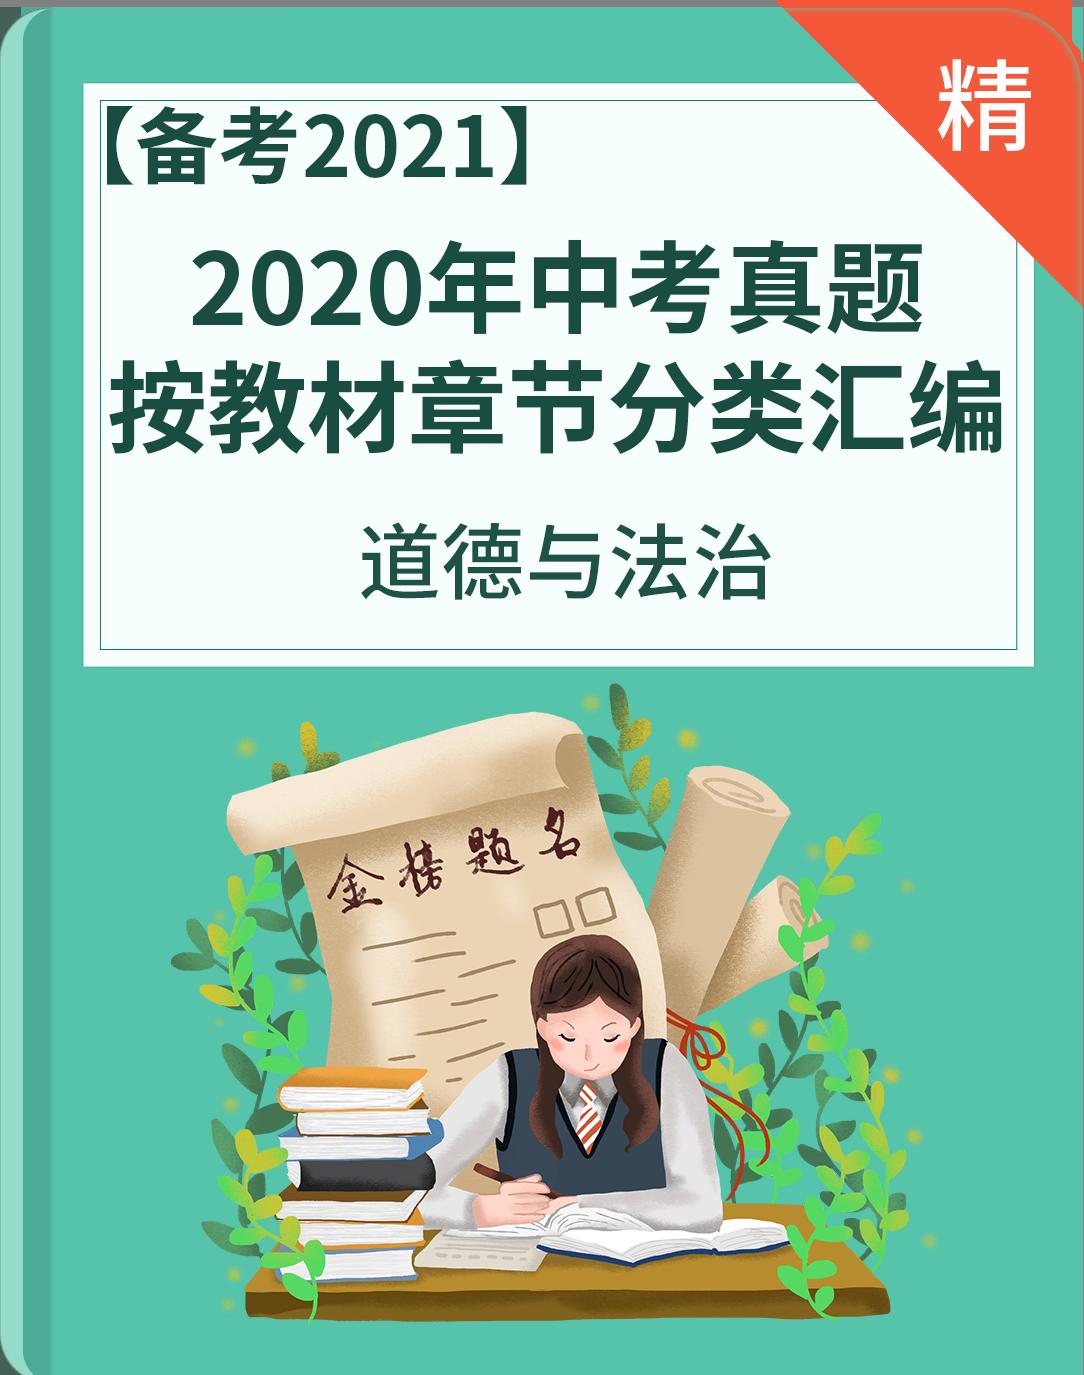 2020年道德与法治中考真题按教材章节分类汇编(原卷版+解析版)